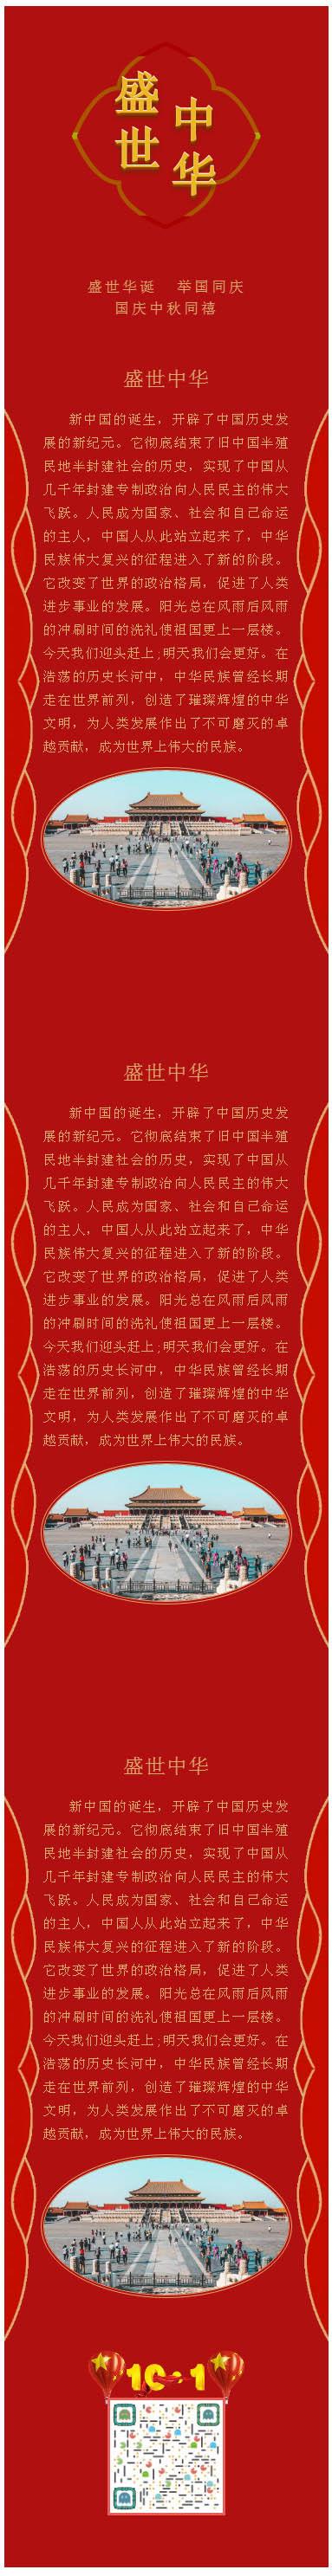 2020国庆中秋节红色喜庆微信公众号推文模板推送图文素材文章